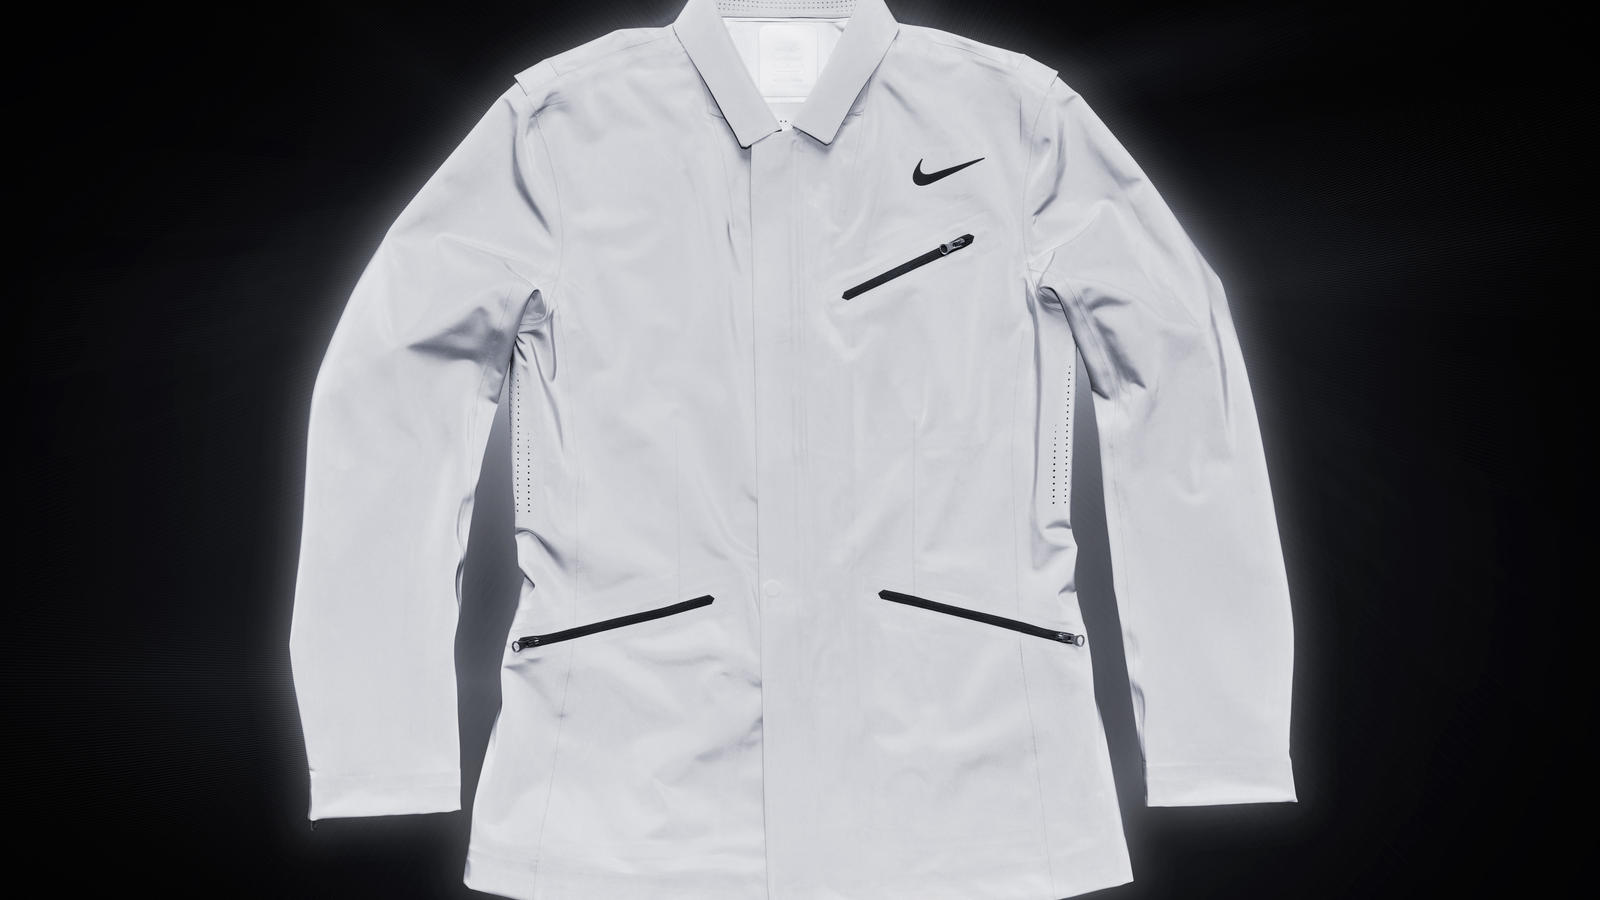 Nike Tennis Vapor Flash Roger Federer Jacket (with flash)